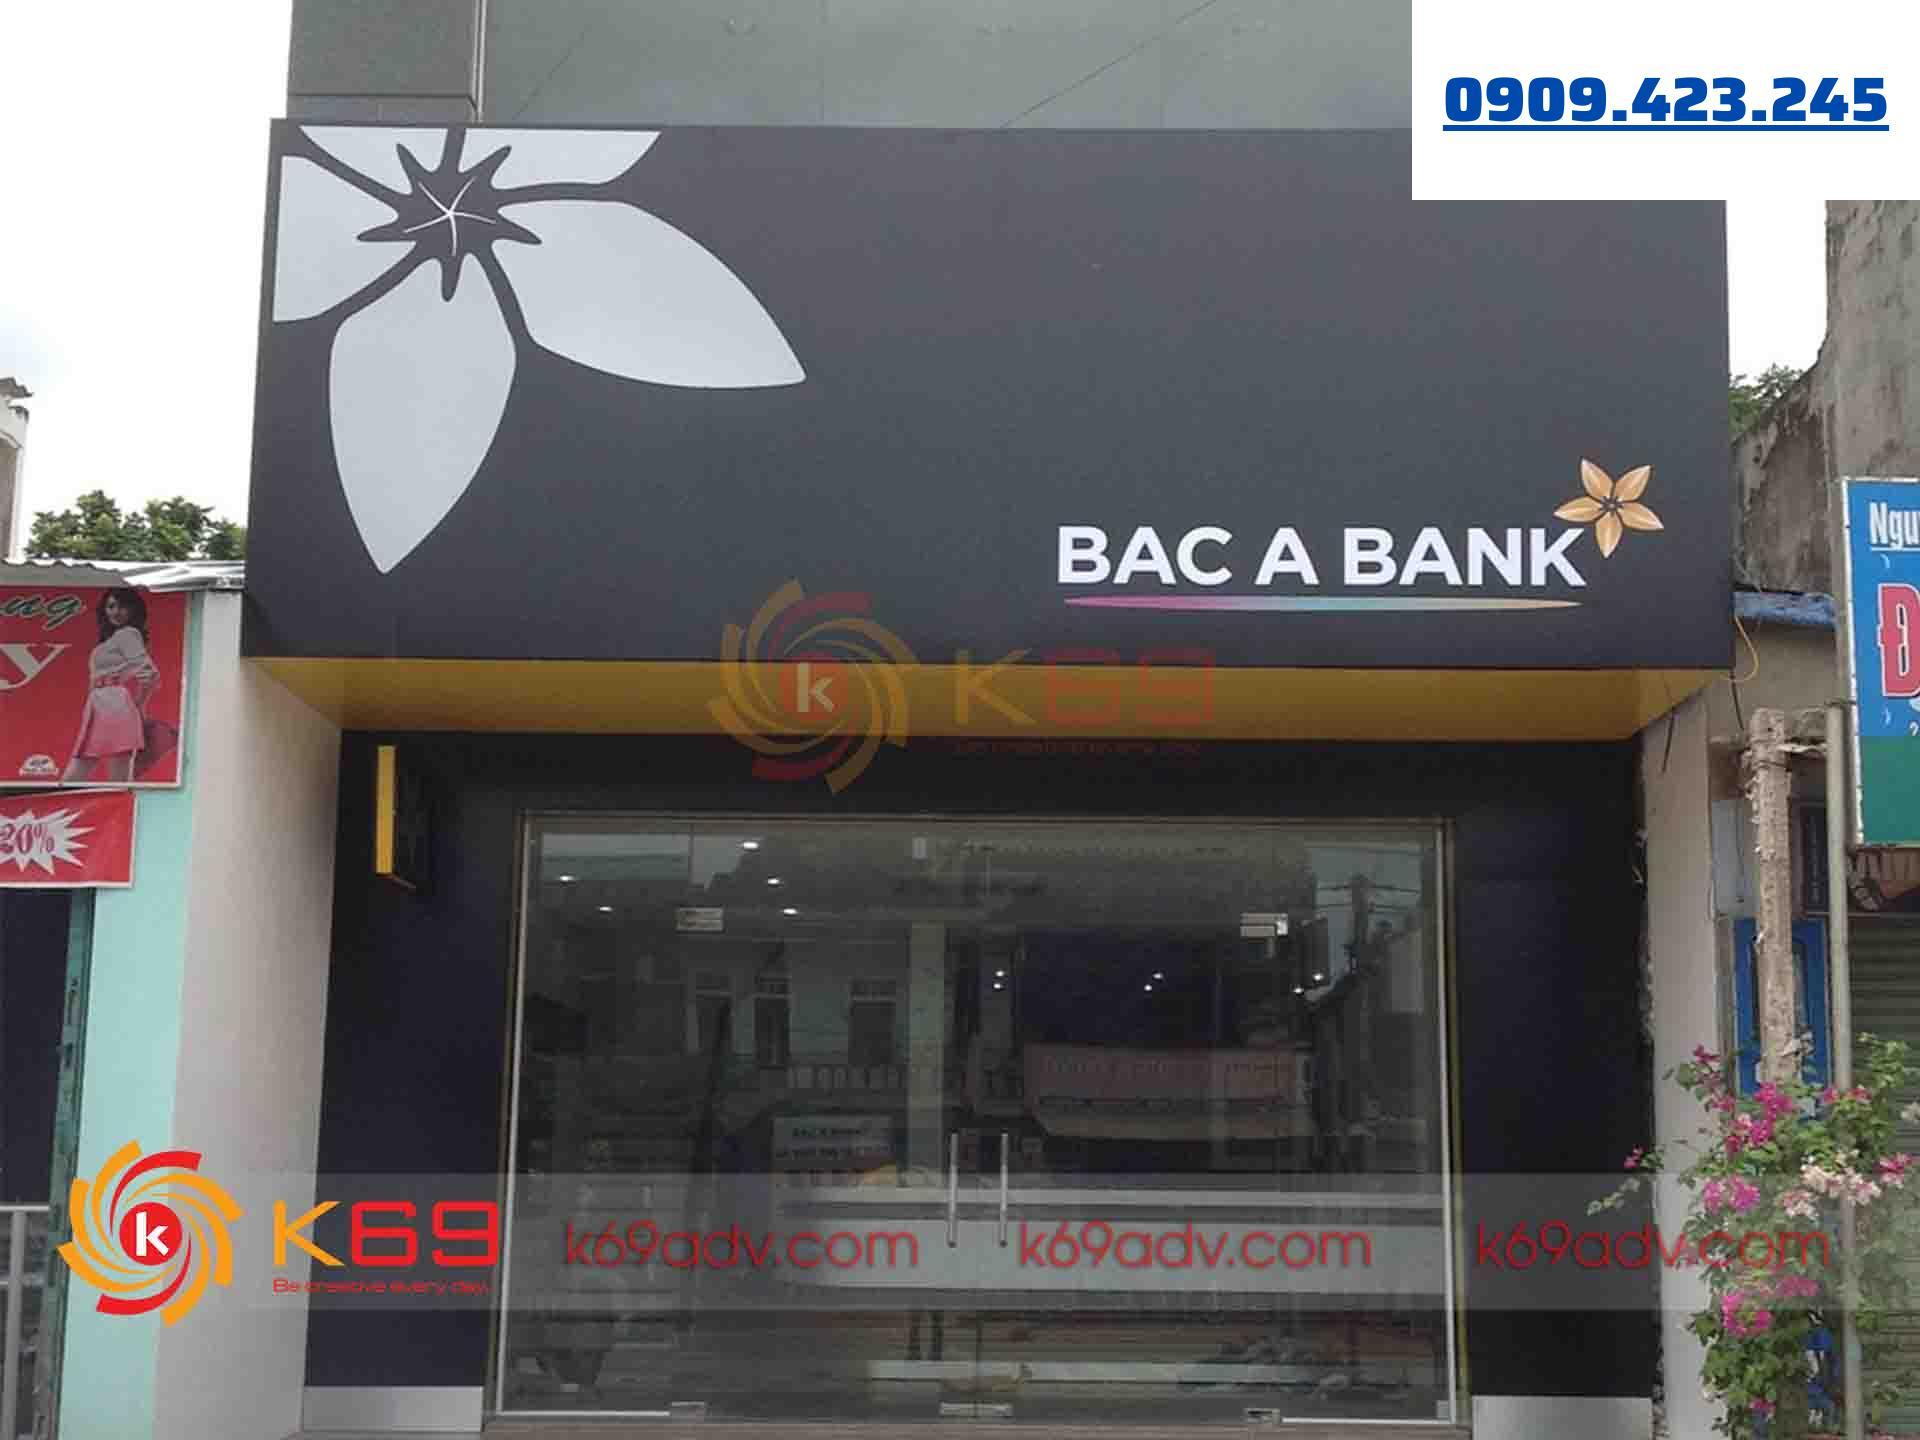 Mẫu bảng hiệu Alu cho ngân hàng Bắc Á do K69ADV thi công